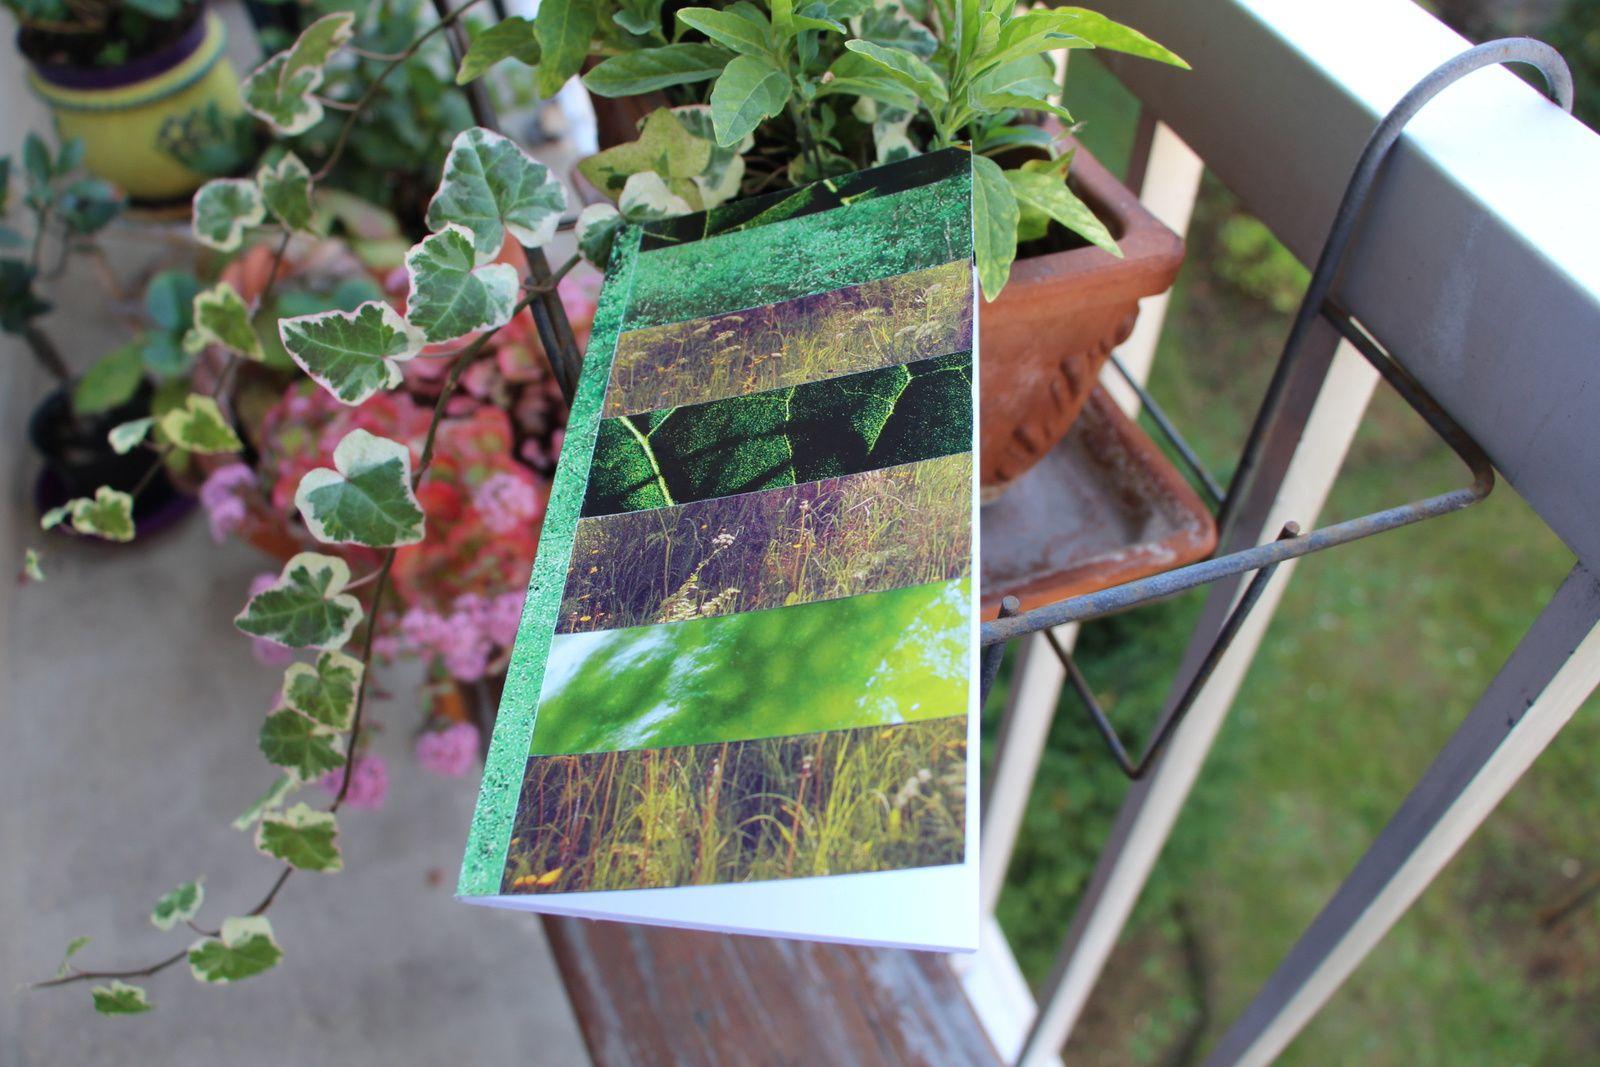 """Les Collages d'eMmA MessanA, collage sur carnet """"Herbier de papier"""", pièce unique. Couverture recto © eMmA MessanA"""